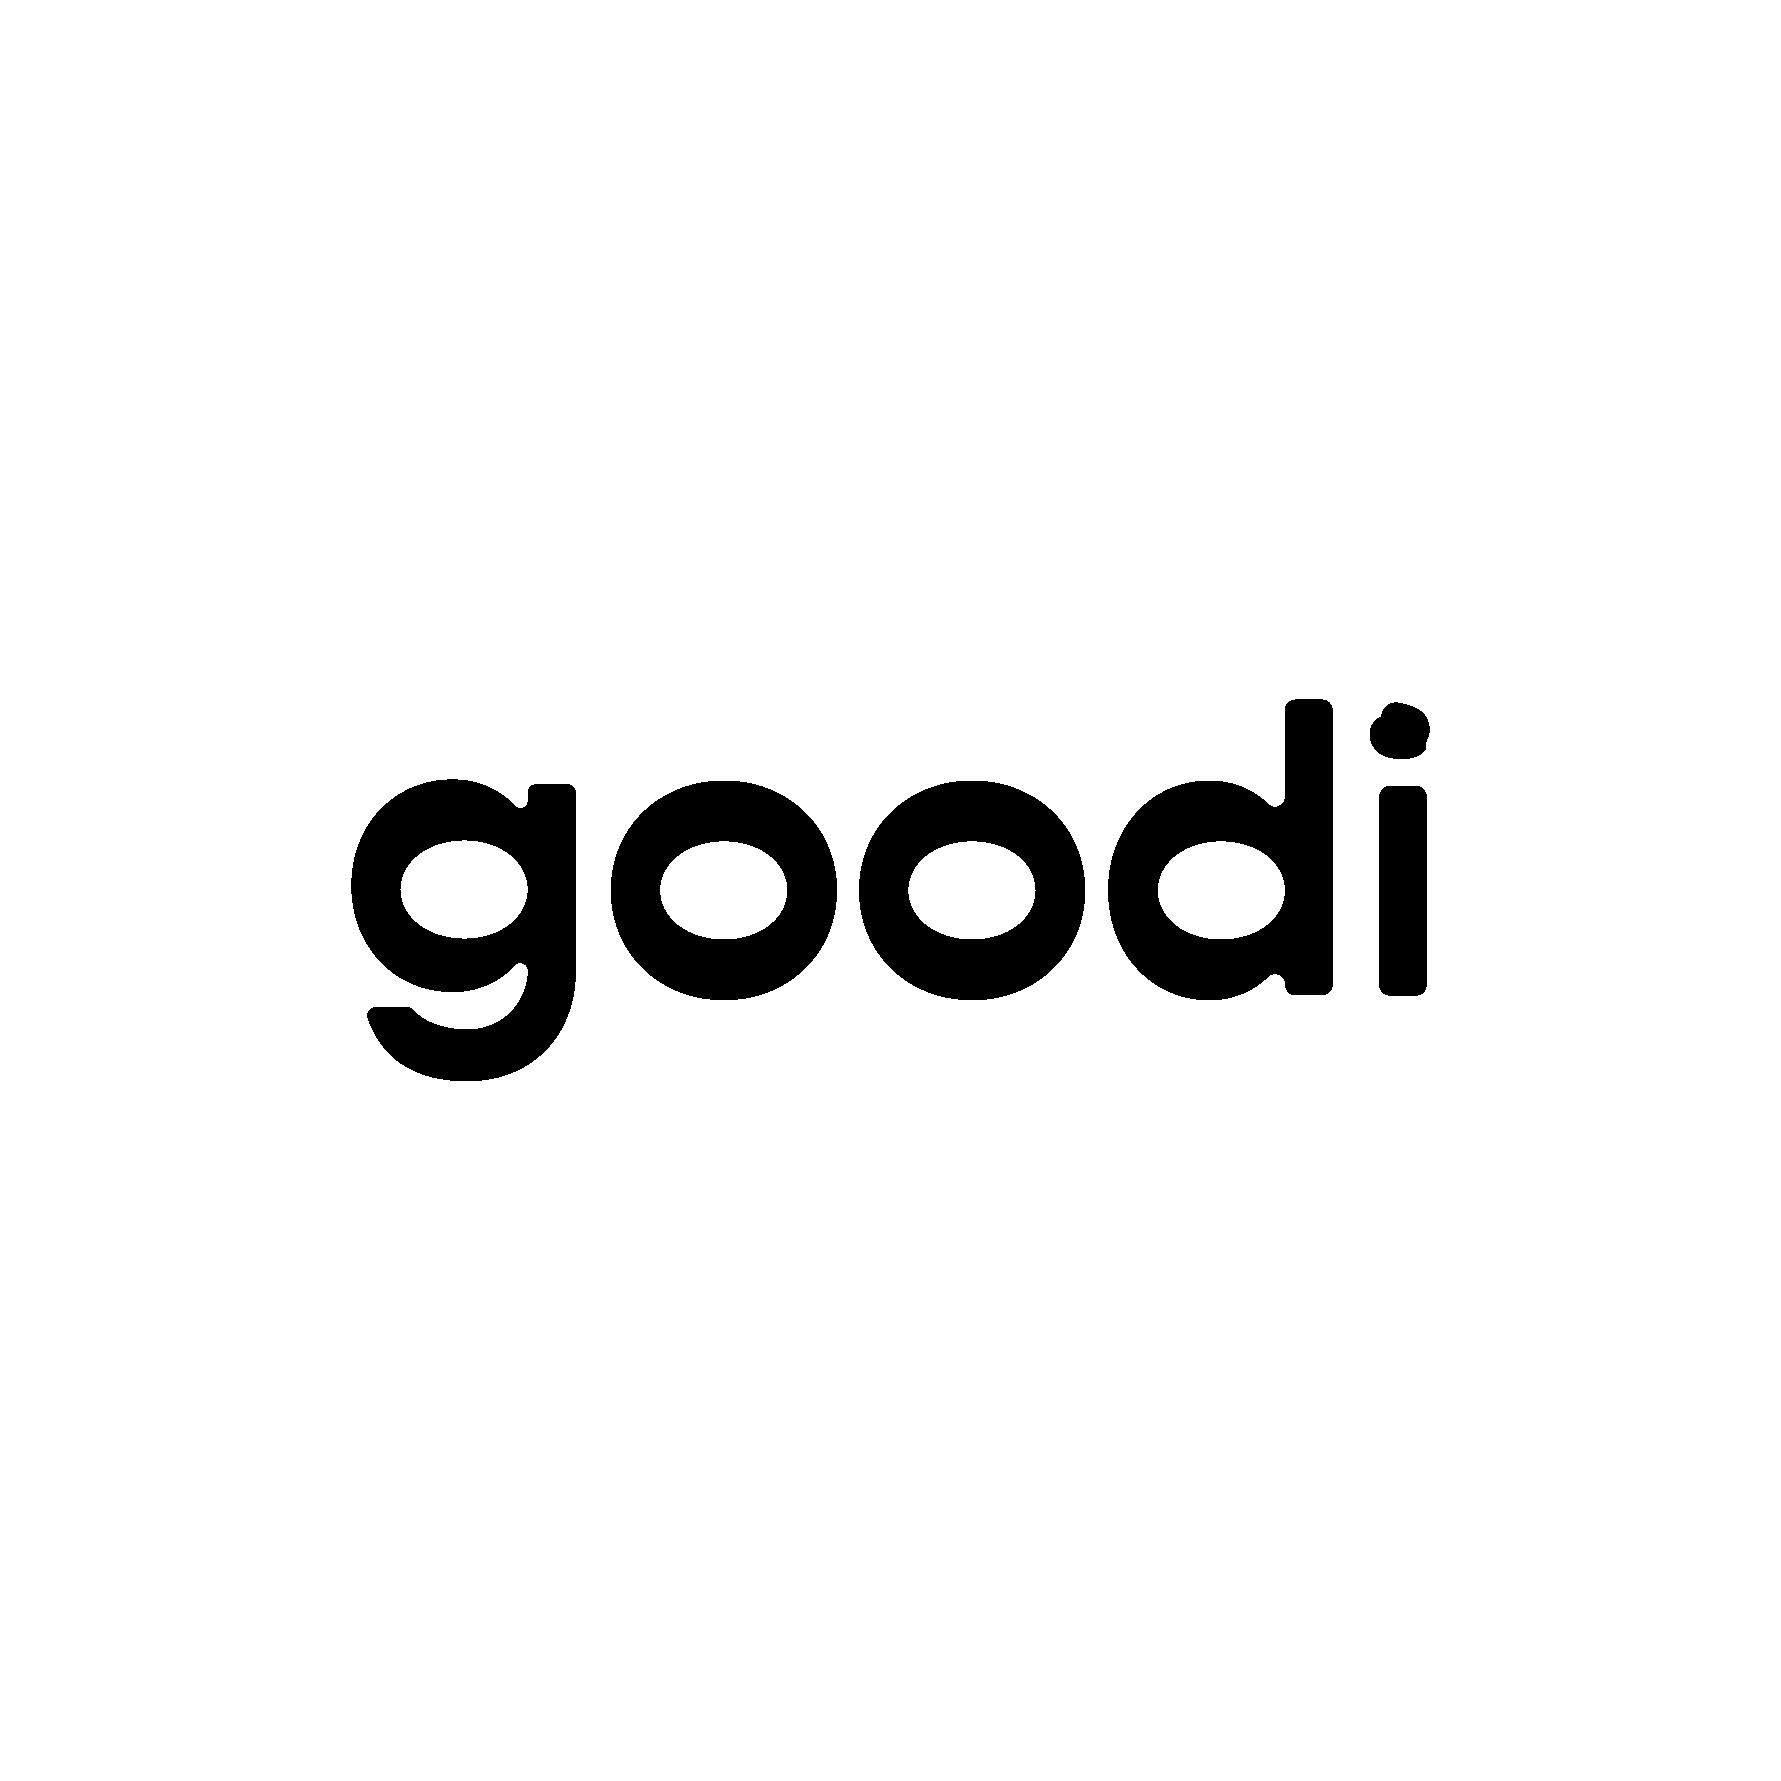 perlease logo